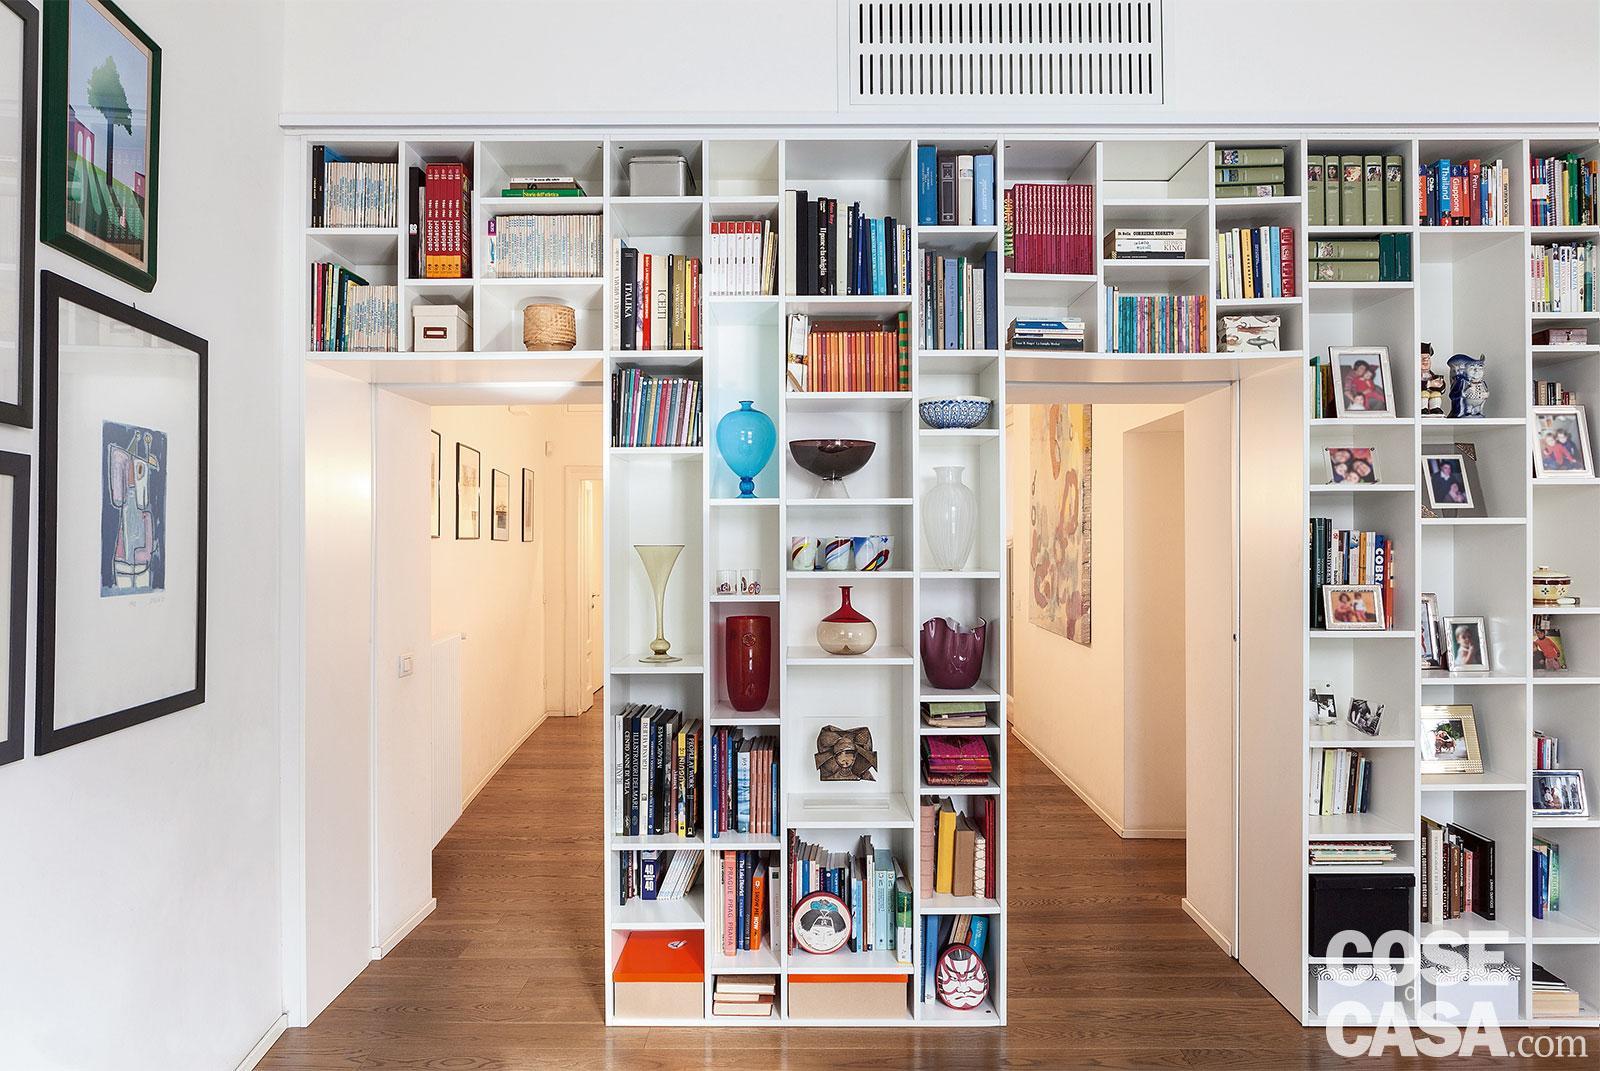 Lo Space Senza Pareti appartamento tradizionale di 120 mq con librerie a tutta